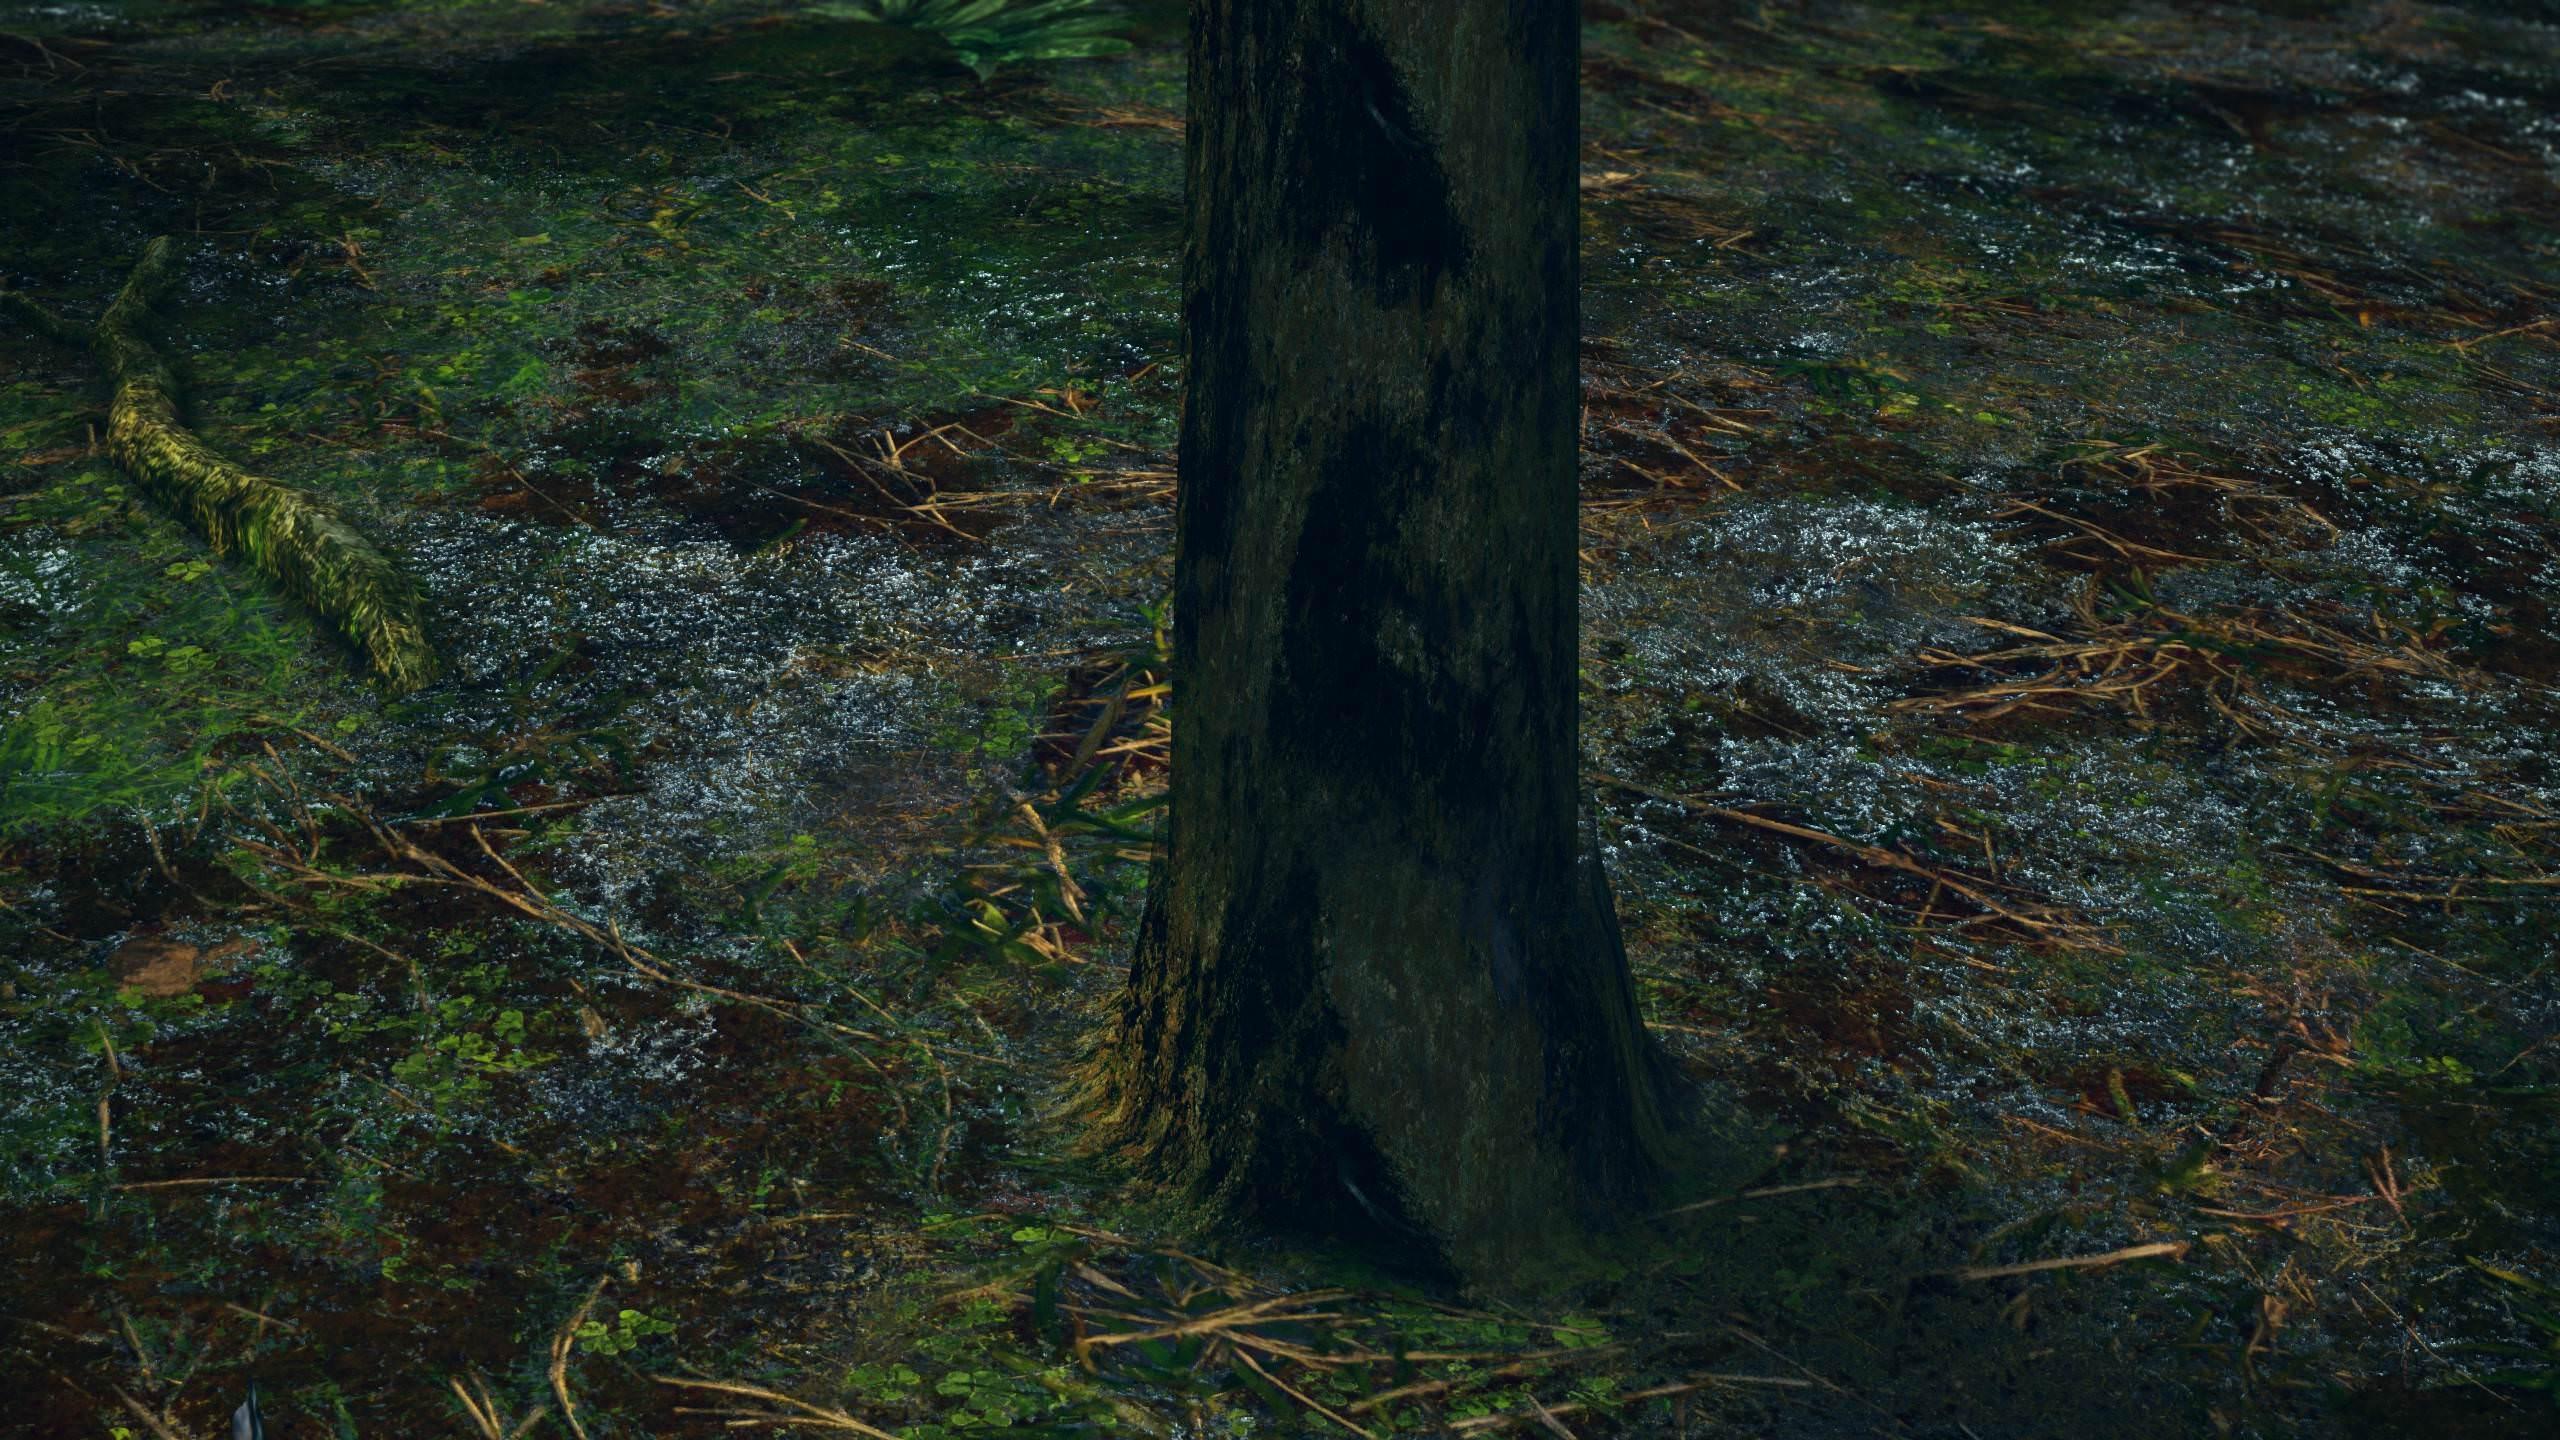 Улучшенные 4K-текстуры для ремастера - Dark Souls 4K